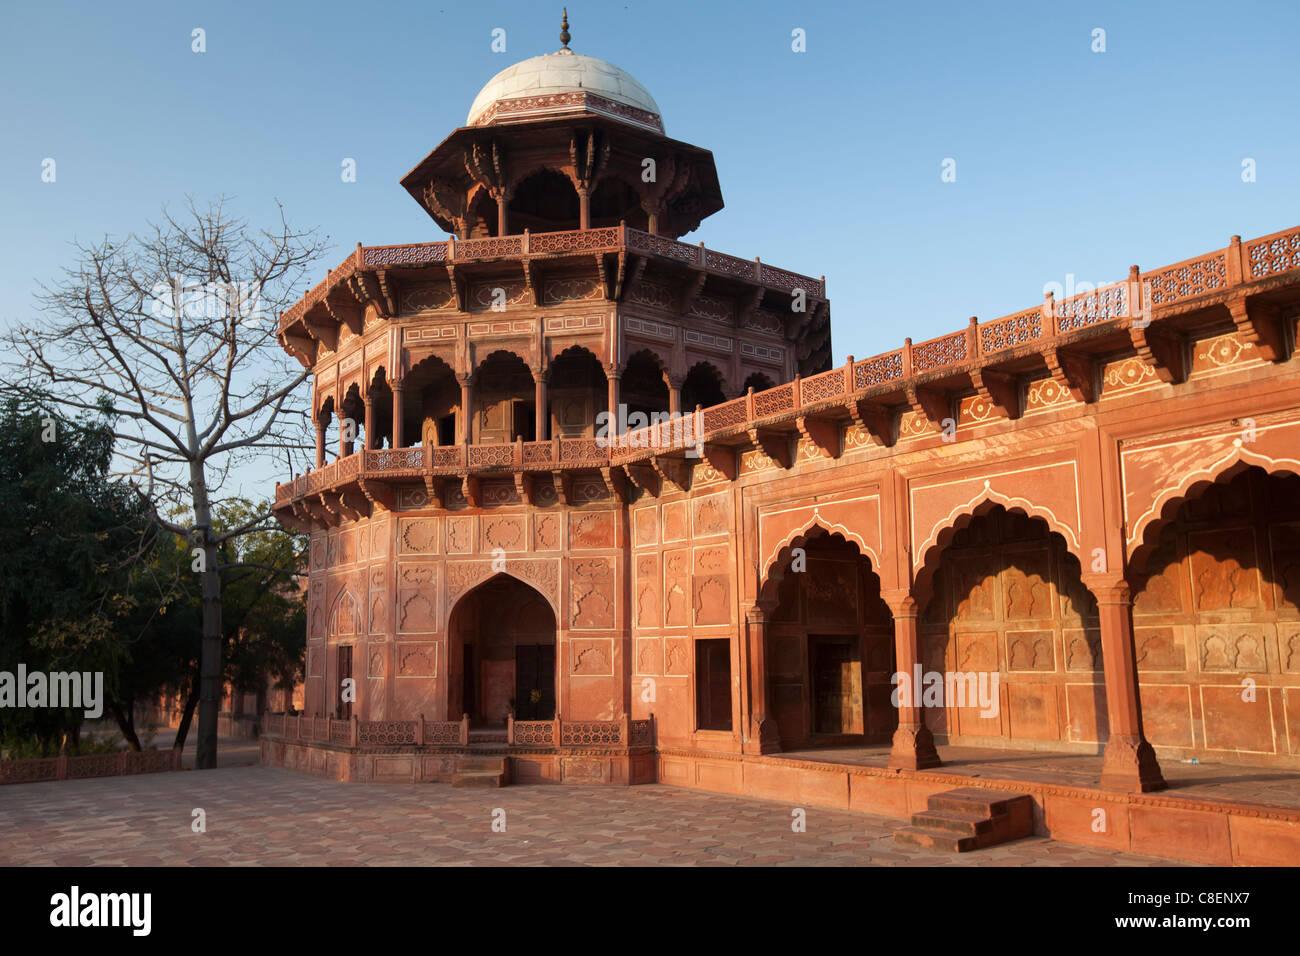 Il Taj Mahal moschea in arenaria rossa e marmo bianco al Duomo di Alba, Uttar Pradesh, India Immagini Stock